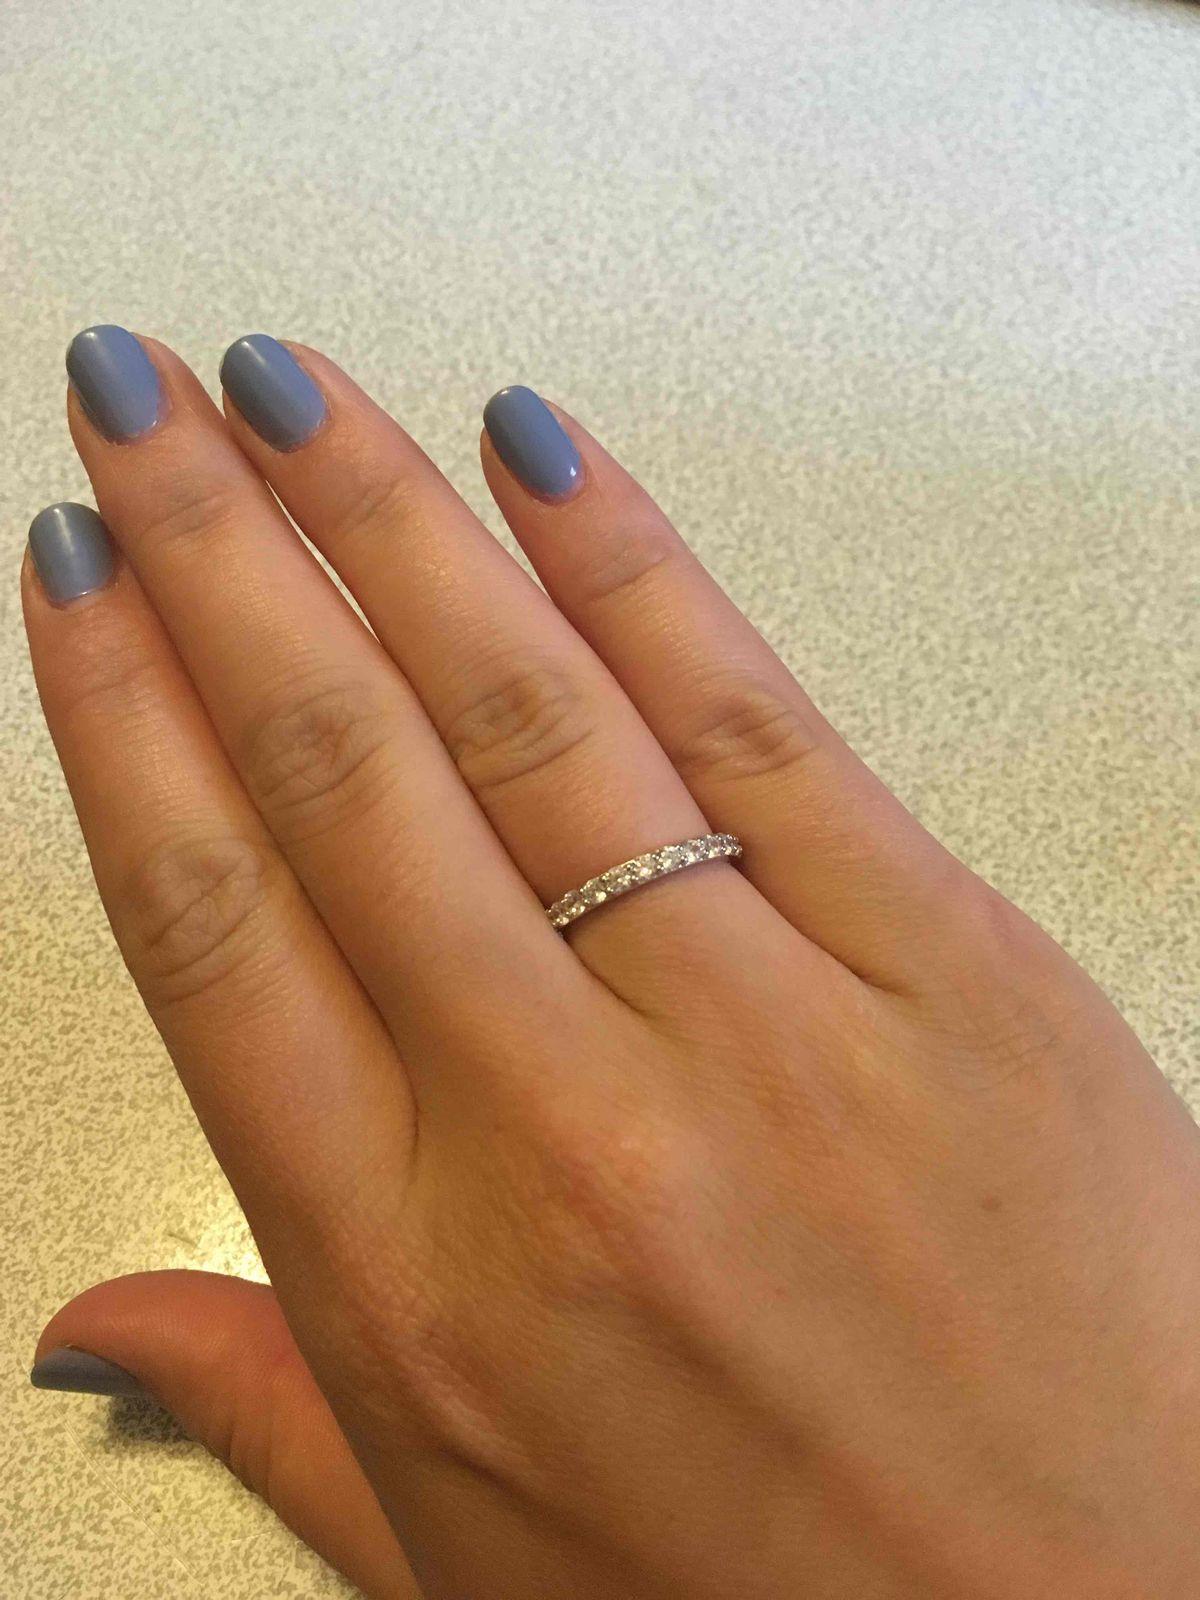 Не кольцо, а совершенство!